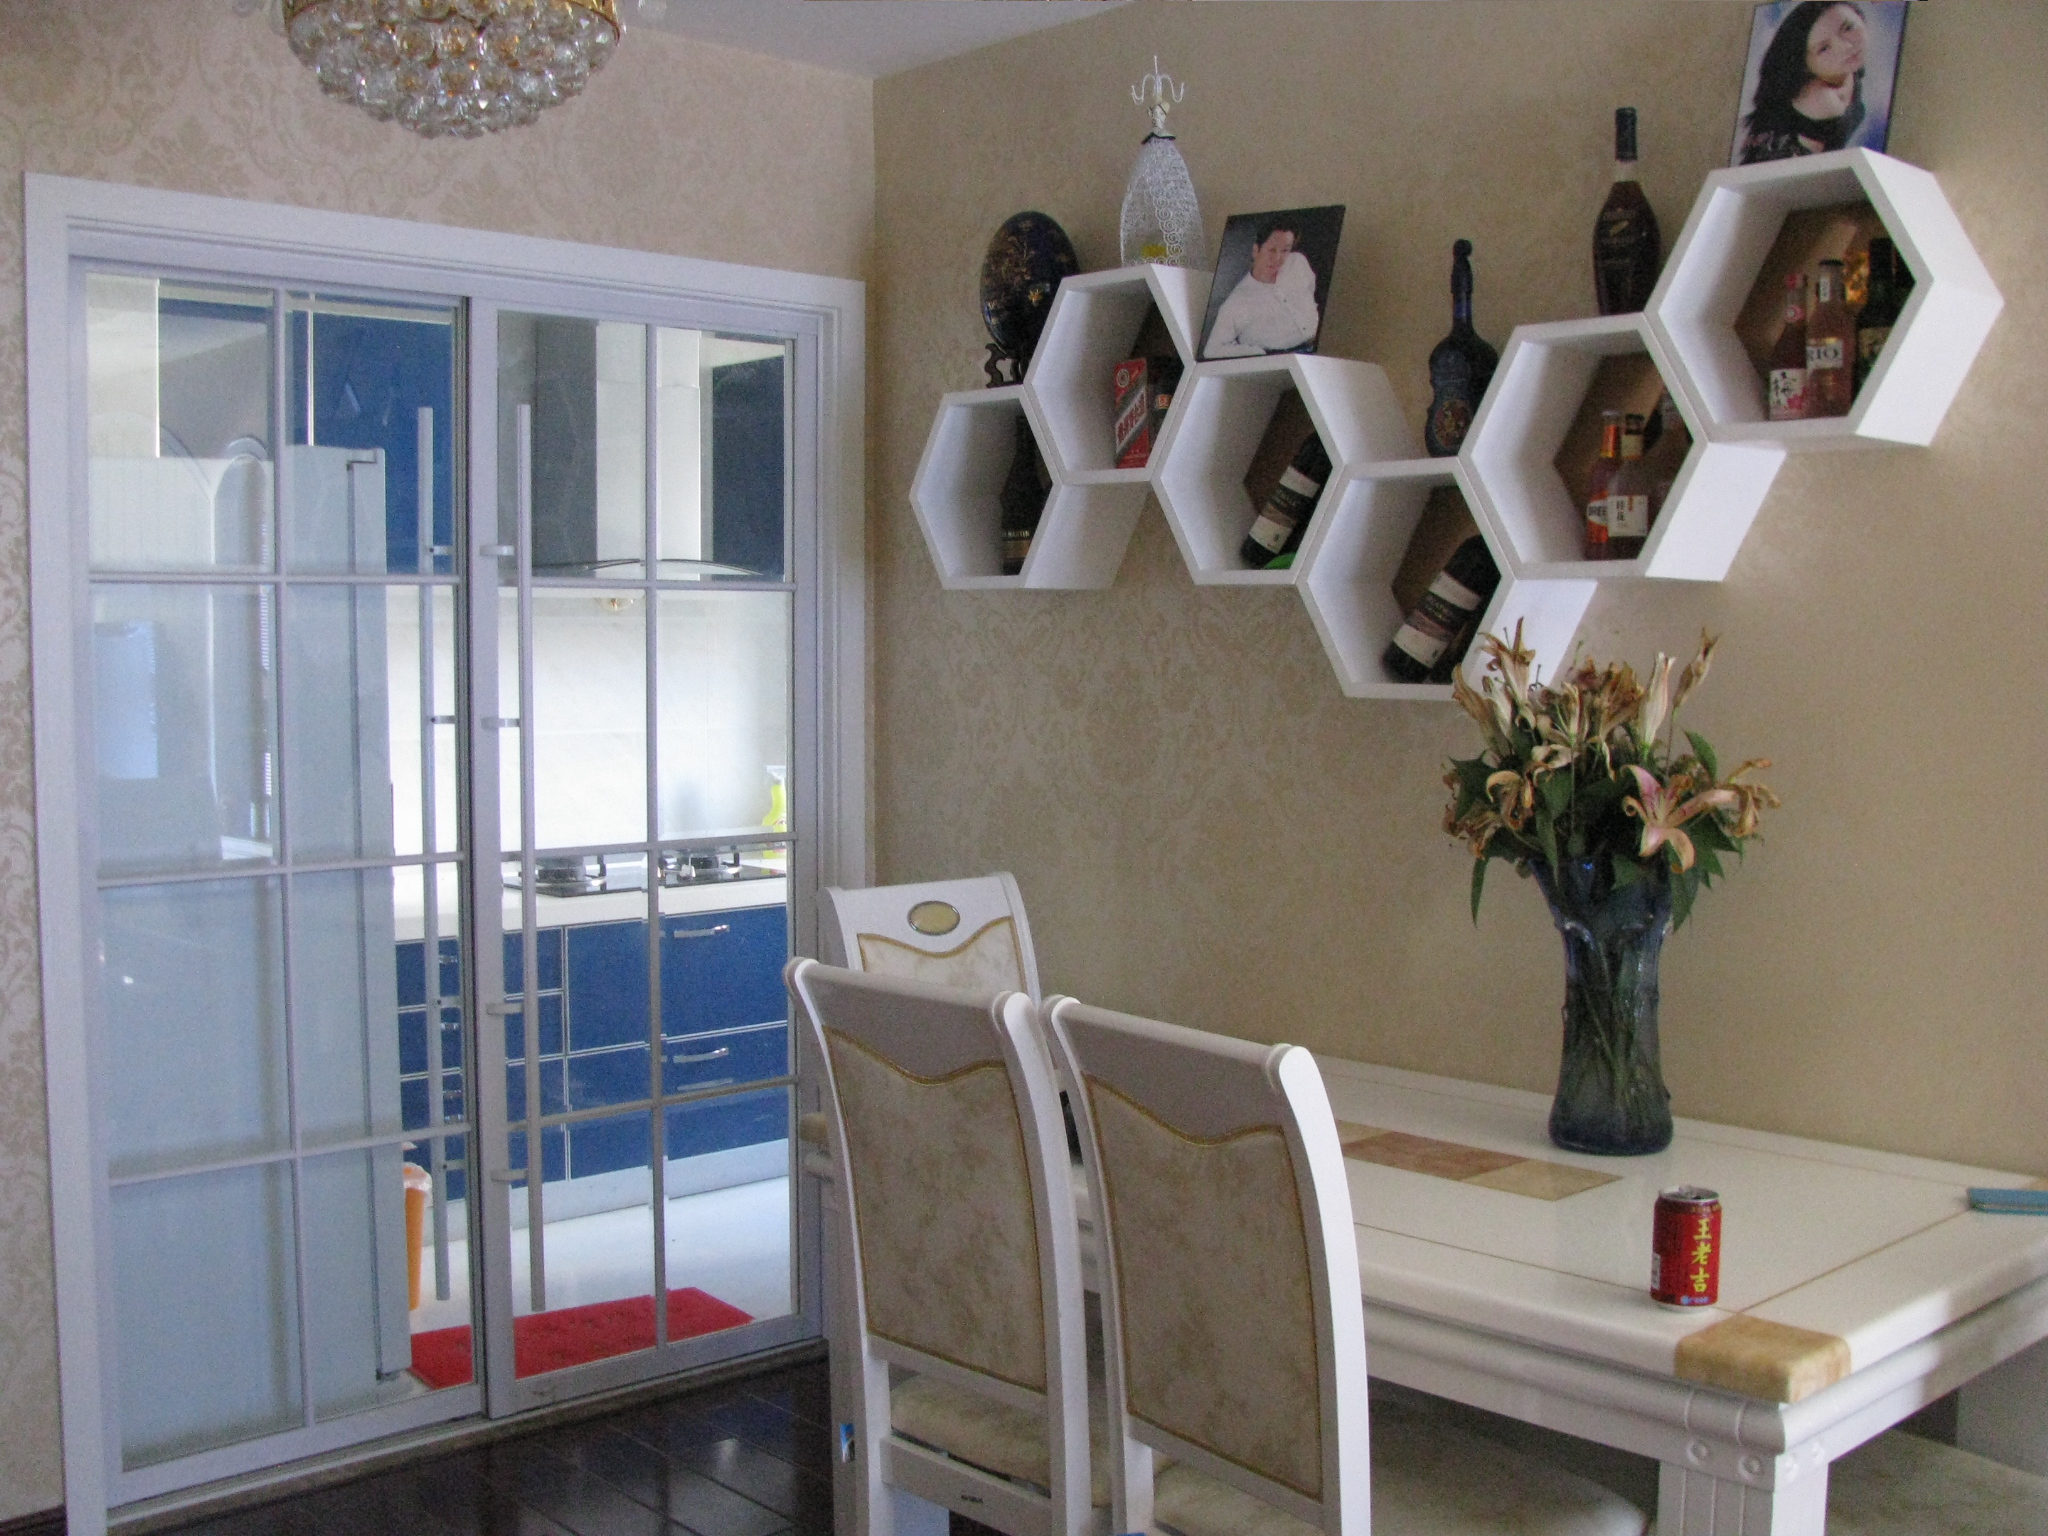 欧式家居餐厅墙面装饰图片装修效果图